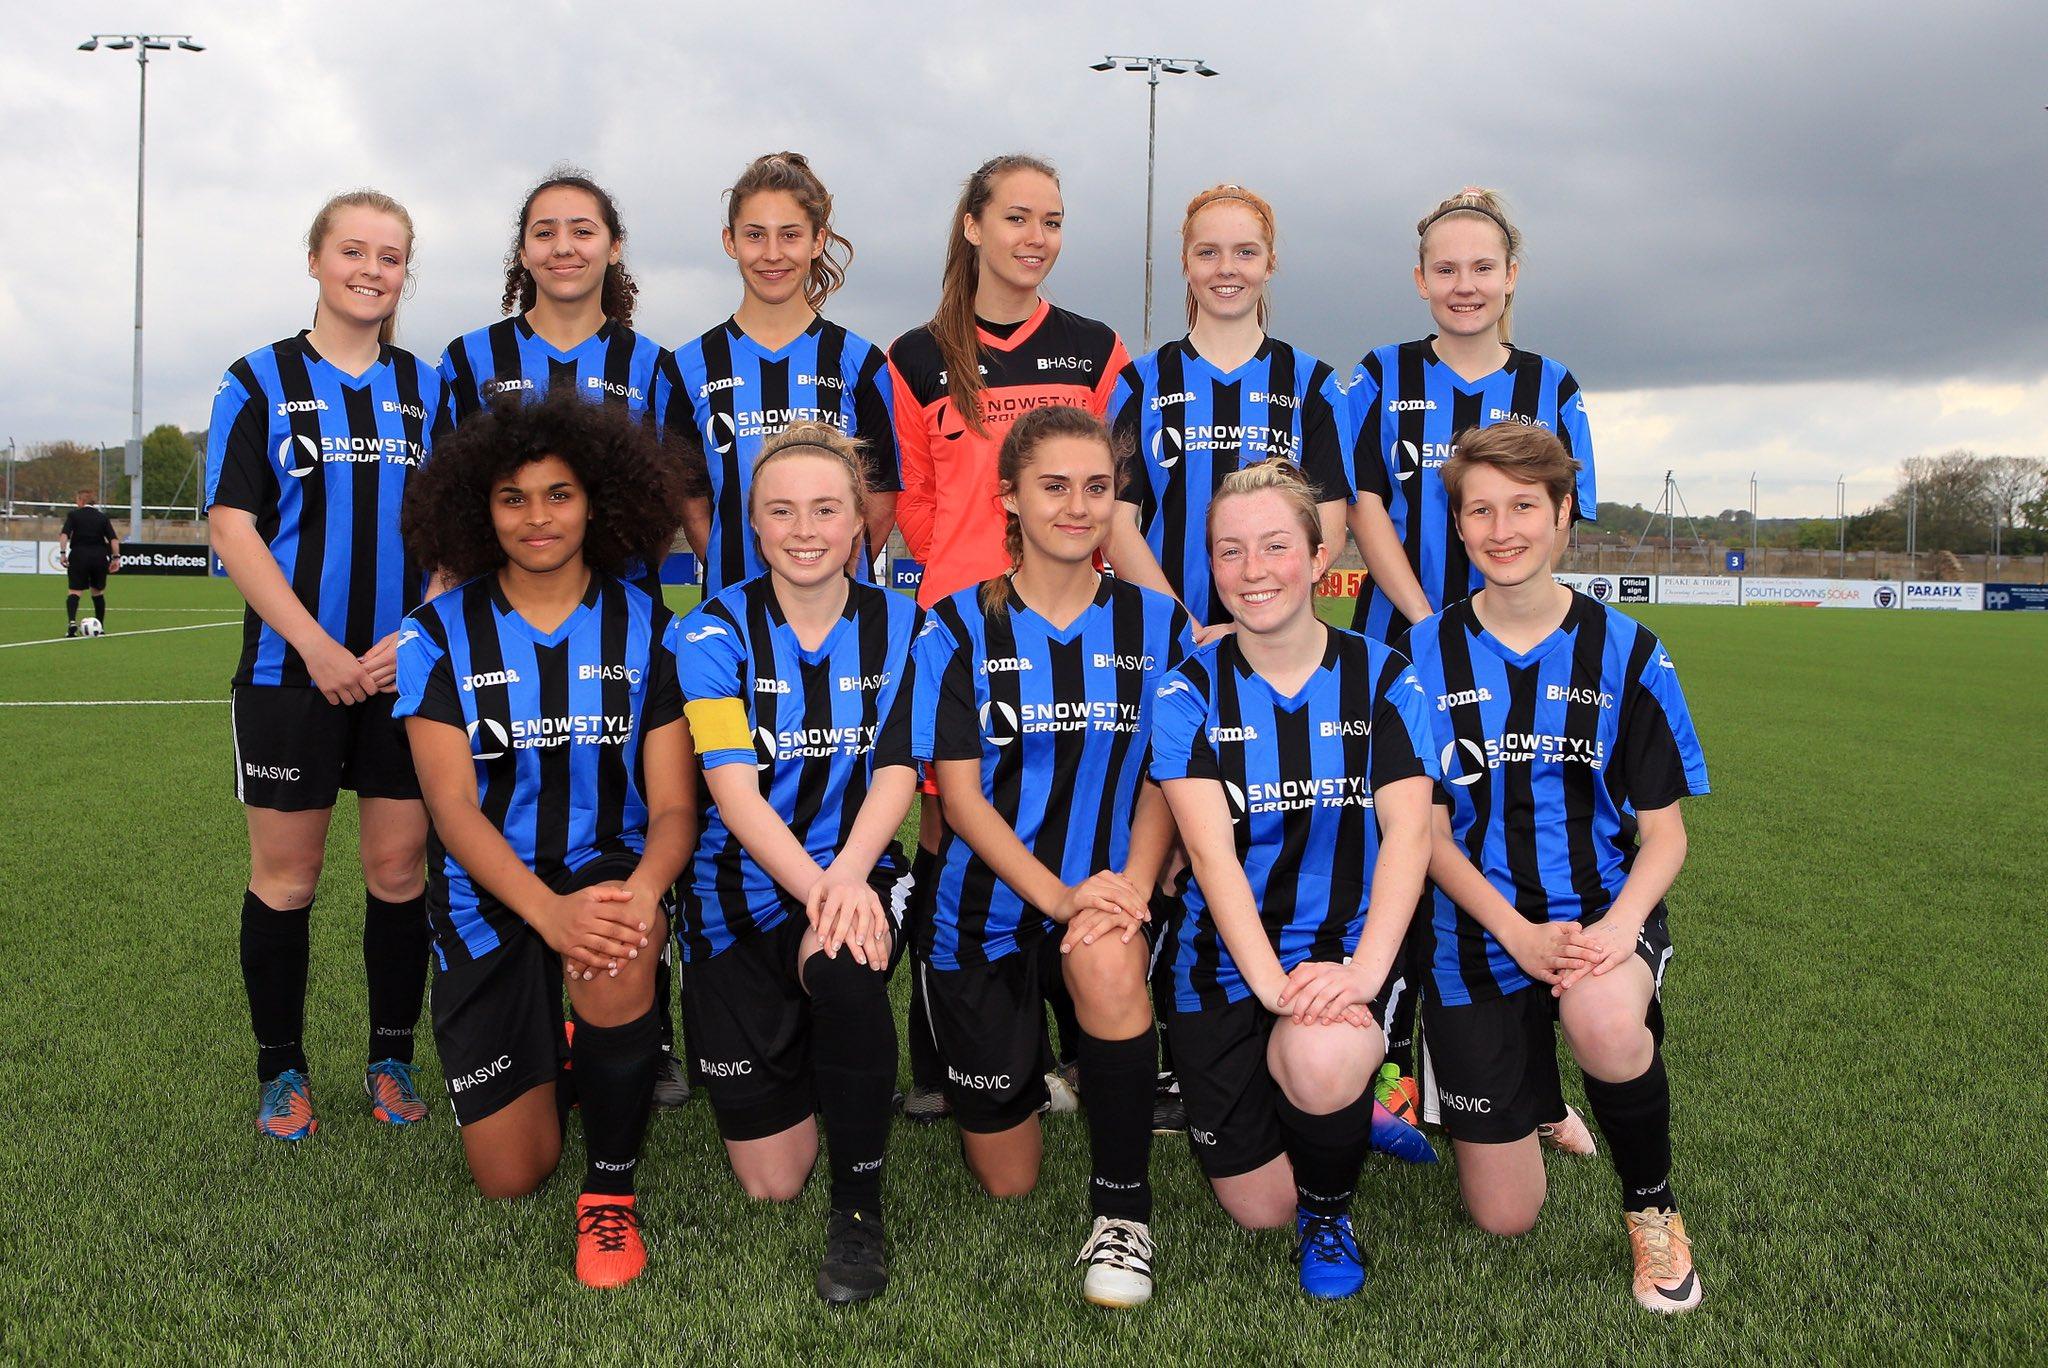 The BHASVIC team (Photo: BHASVIC)